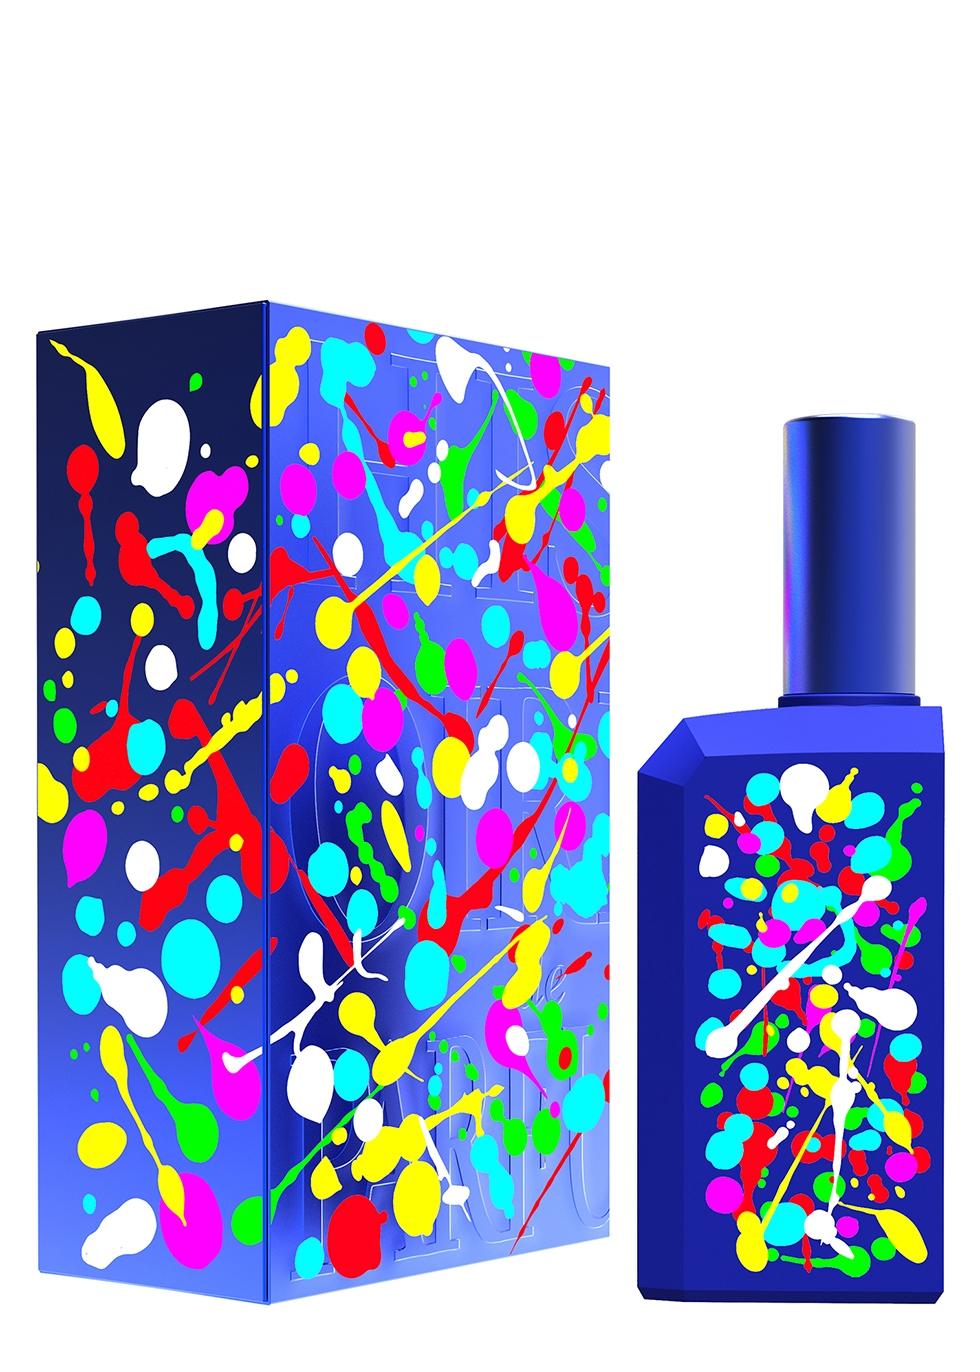 This Is Not A Blue Bottle 1.2 60ml - Histoires de Parfums